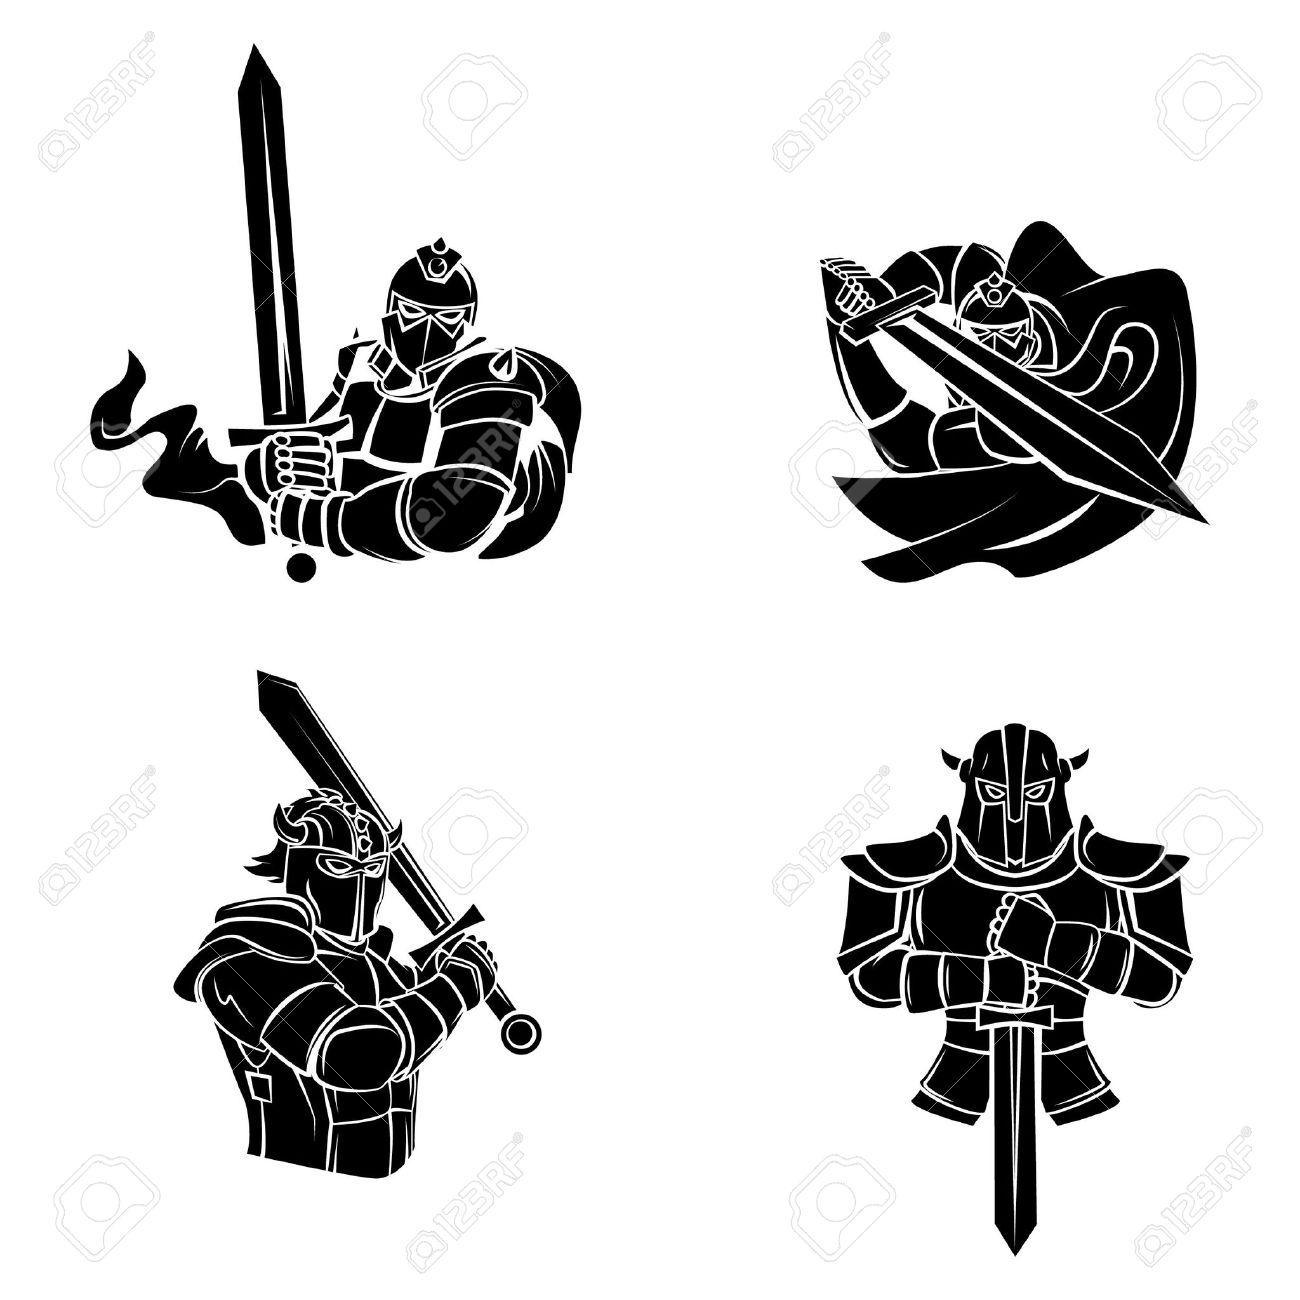 Tattoo Symbol Of Knight Warrior - 36673589